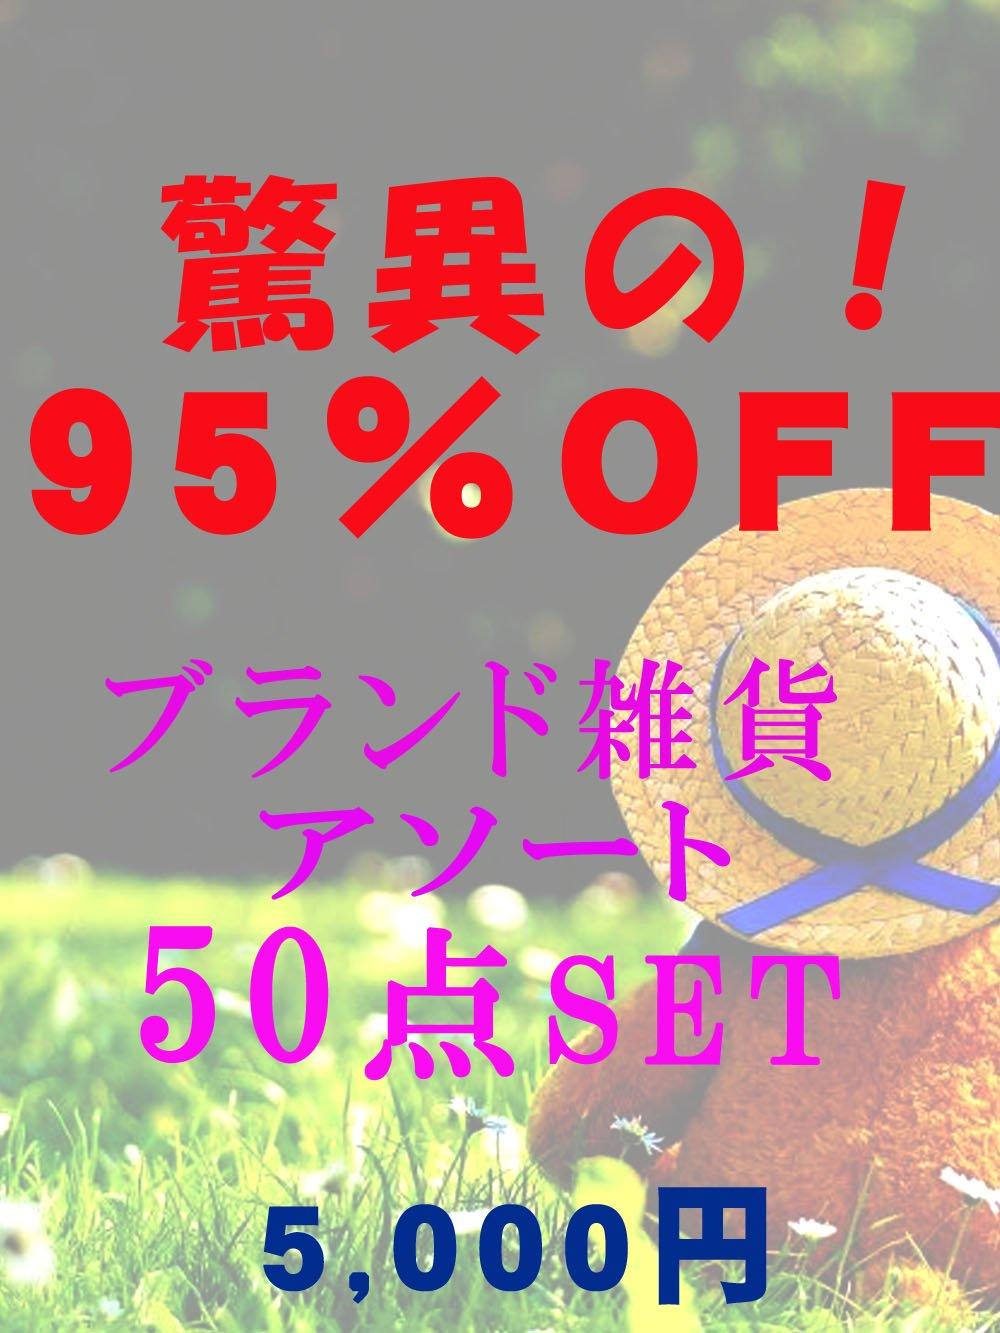 【驚異の95%OFF!】2019ブランド雑貨アソートセット☆ 【50点】@100